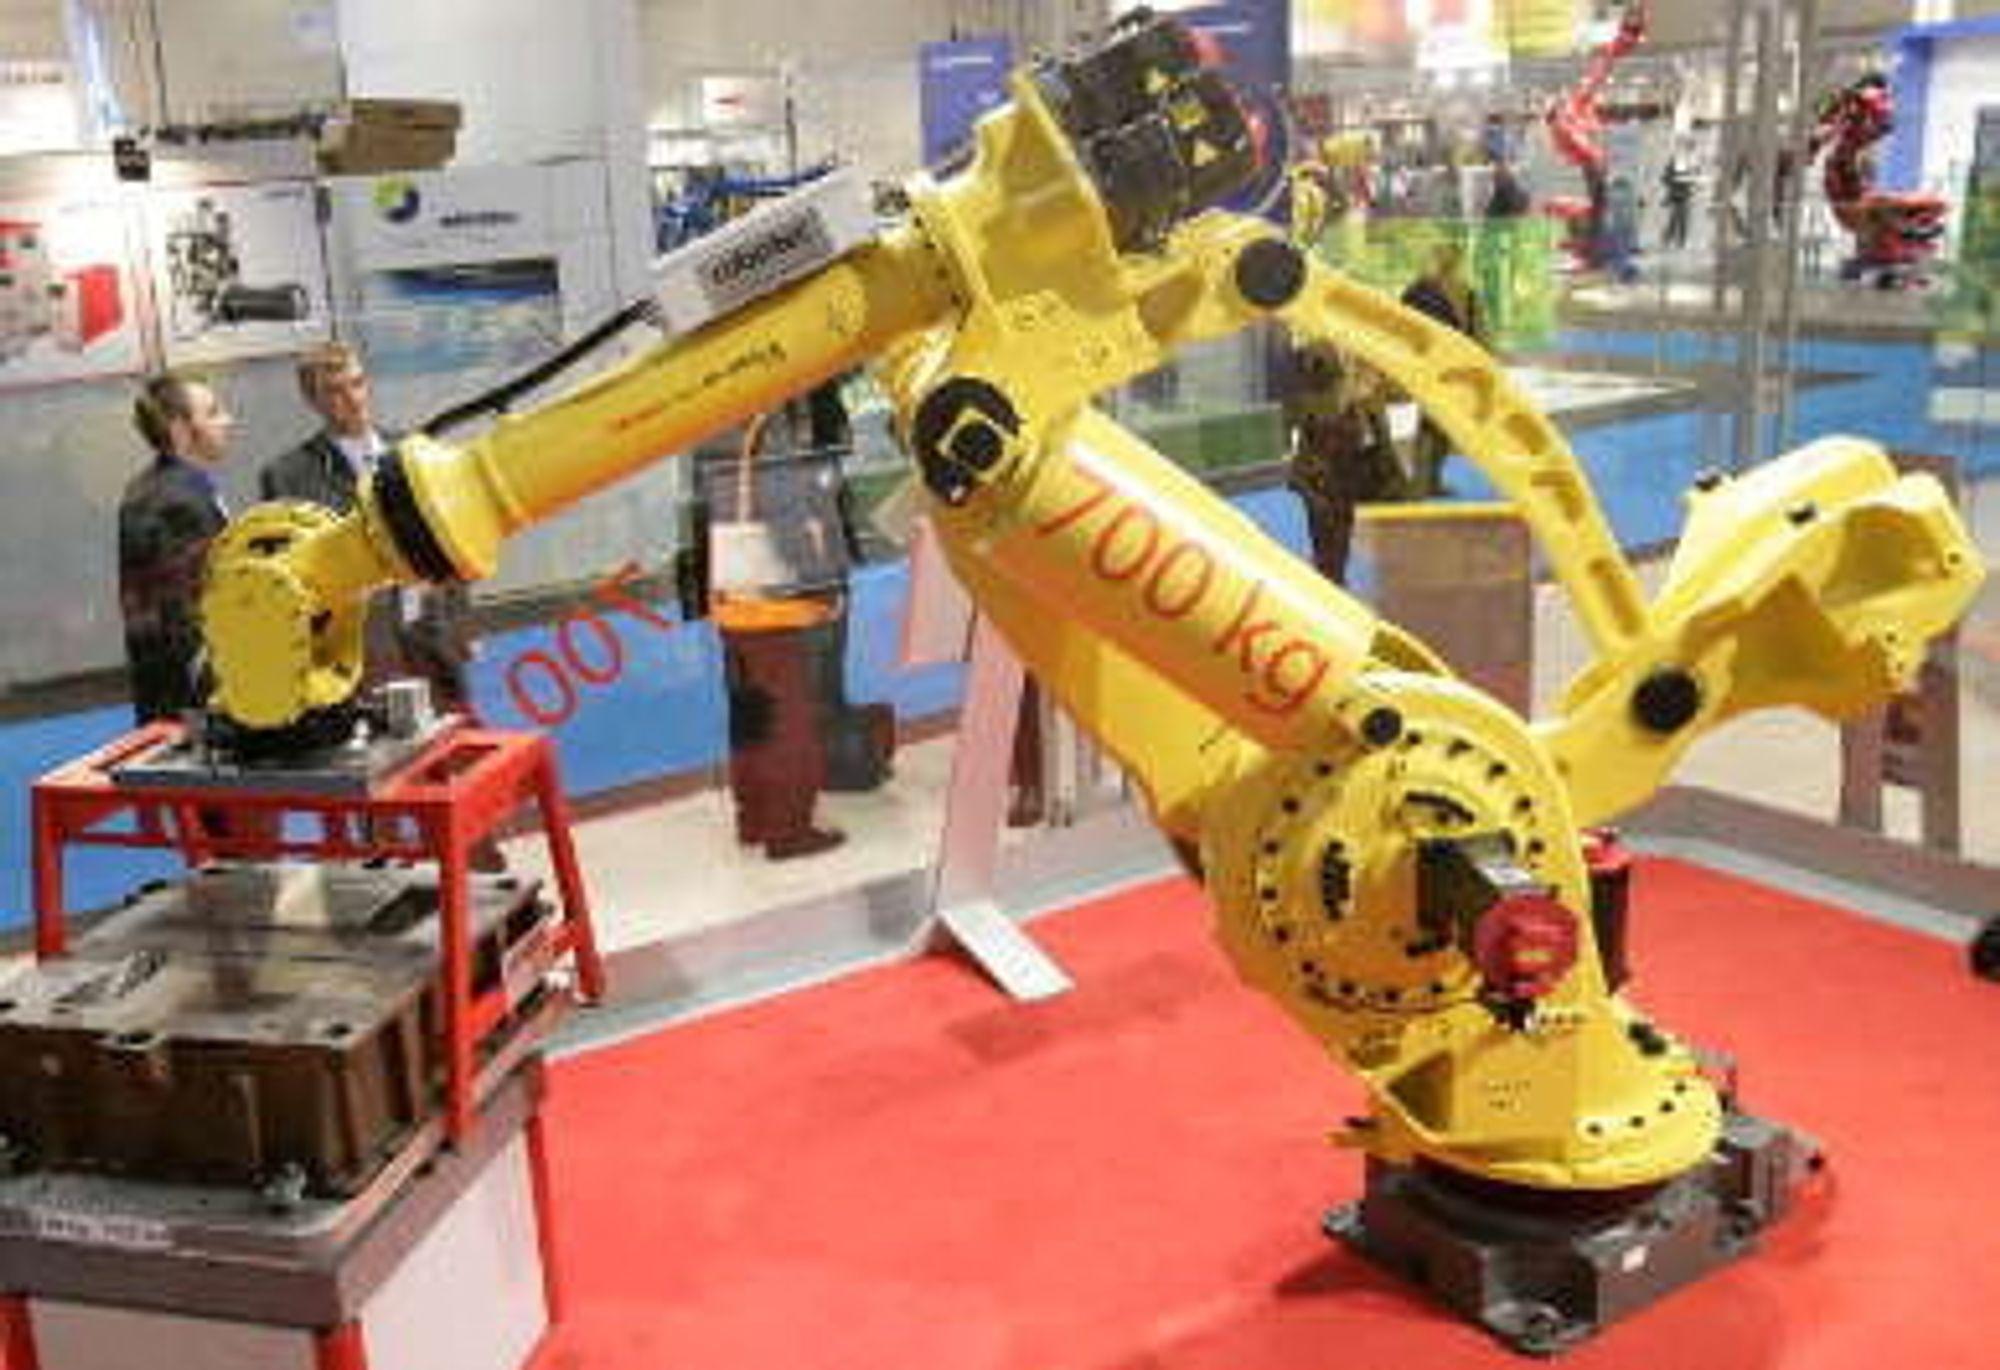 En detaljert spesfikasjon er vitalt for smidig prosjektgjennomføring. Denne kraftpluggen løfter f.eks. 700 kg.